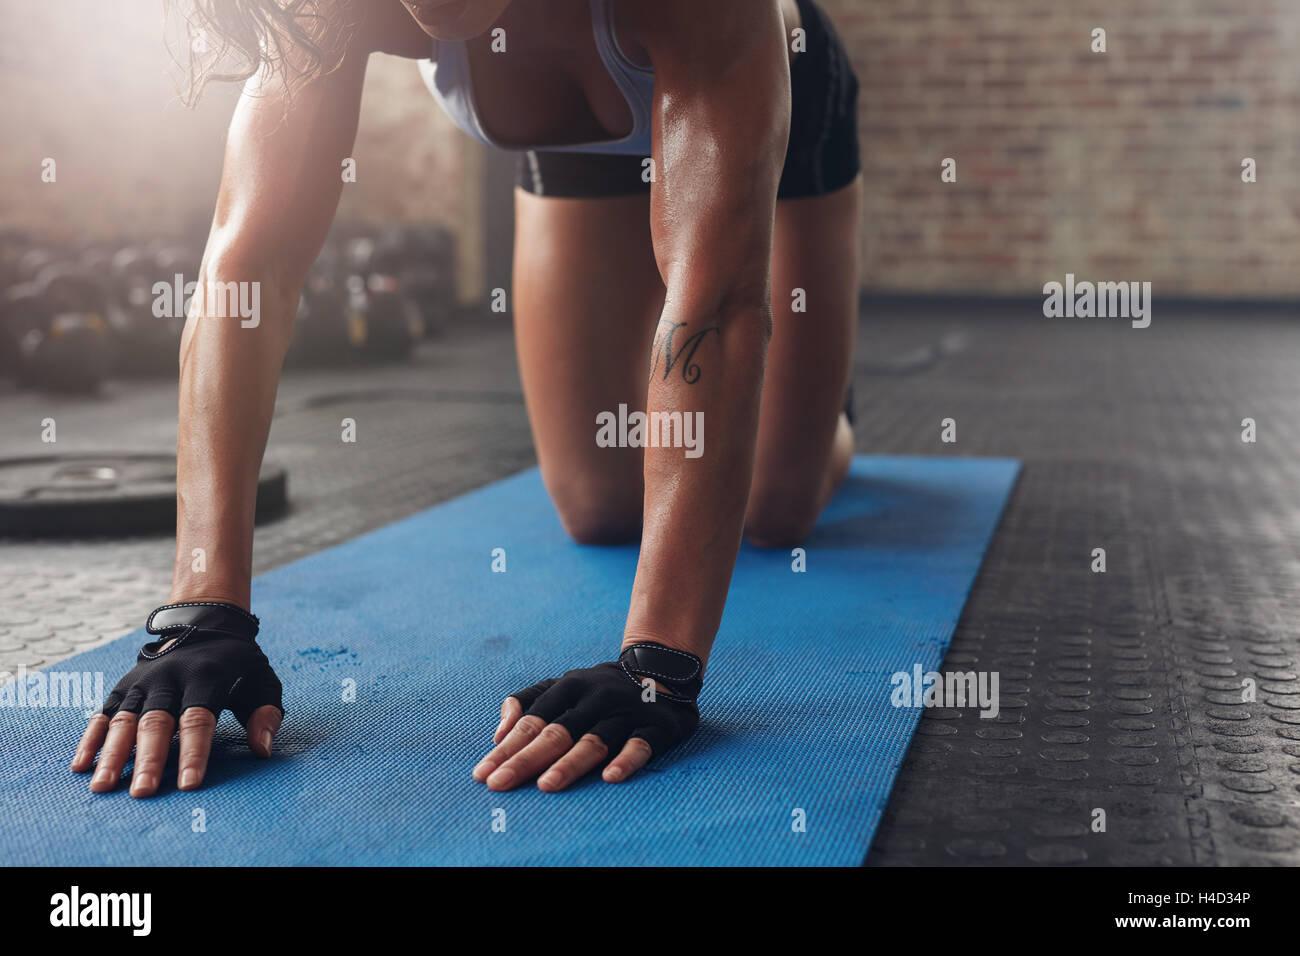 Weibchen auf Gymnastikmatte stretching Training zu tun. Konzentrieren Sie sich auf die Hand einer Frau auf Fitness Stockbild